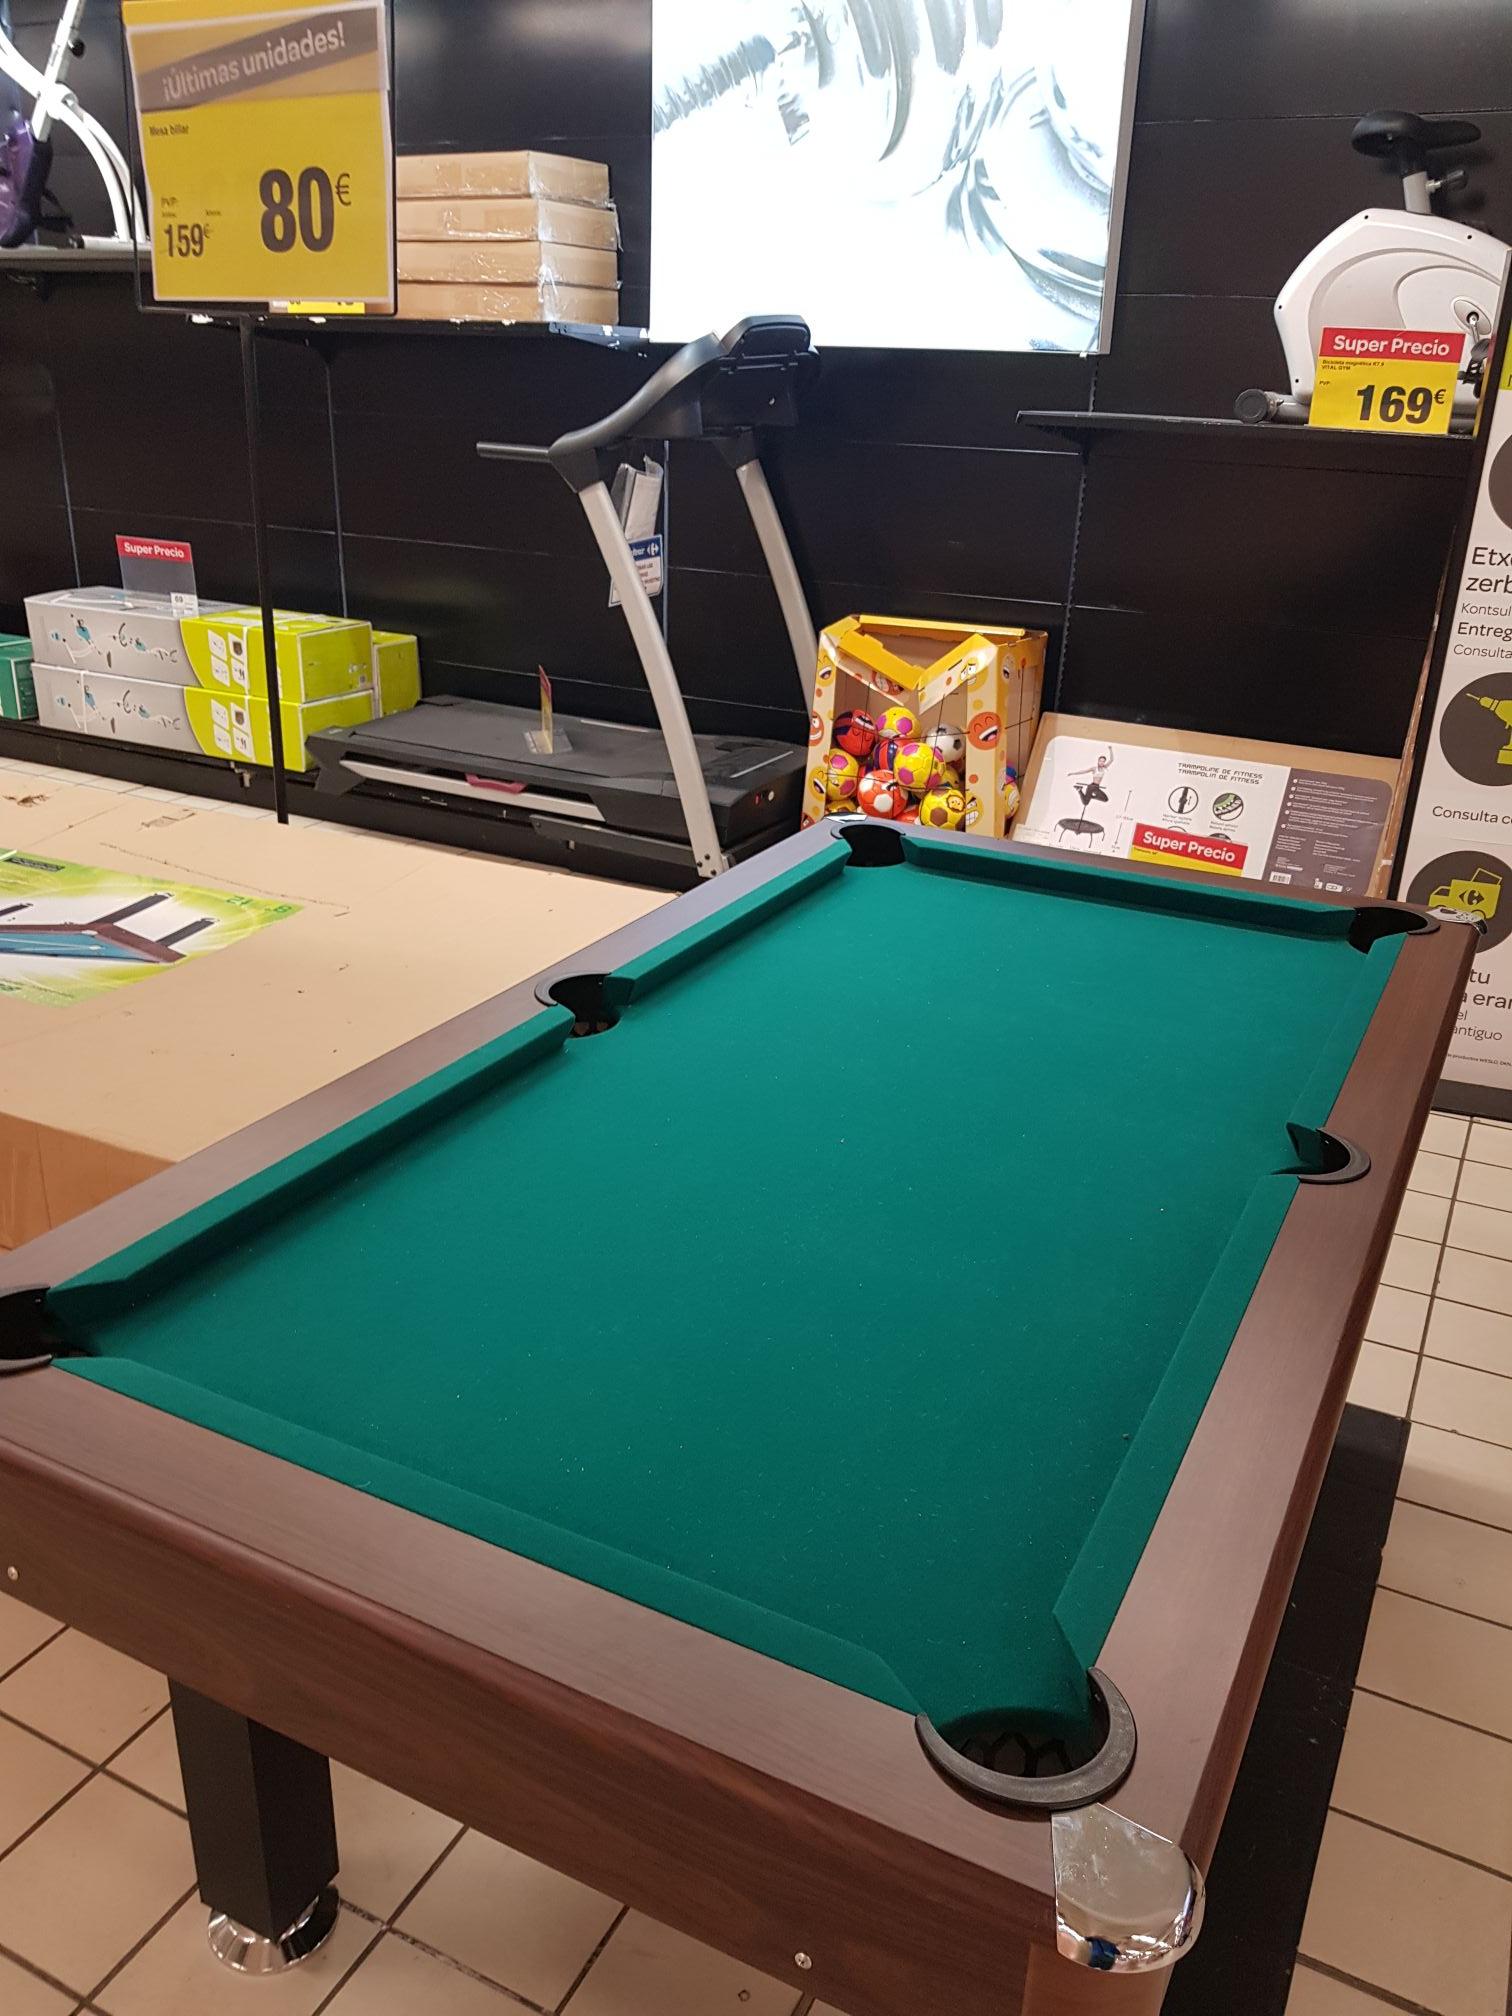 Mesa de billar aún más barato en Carrefour Erandio